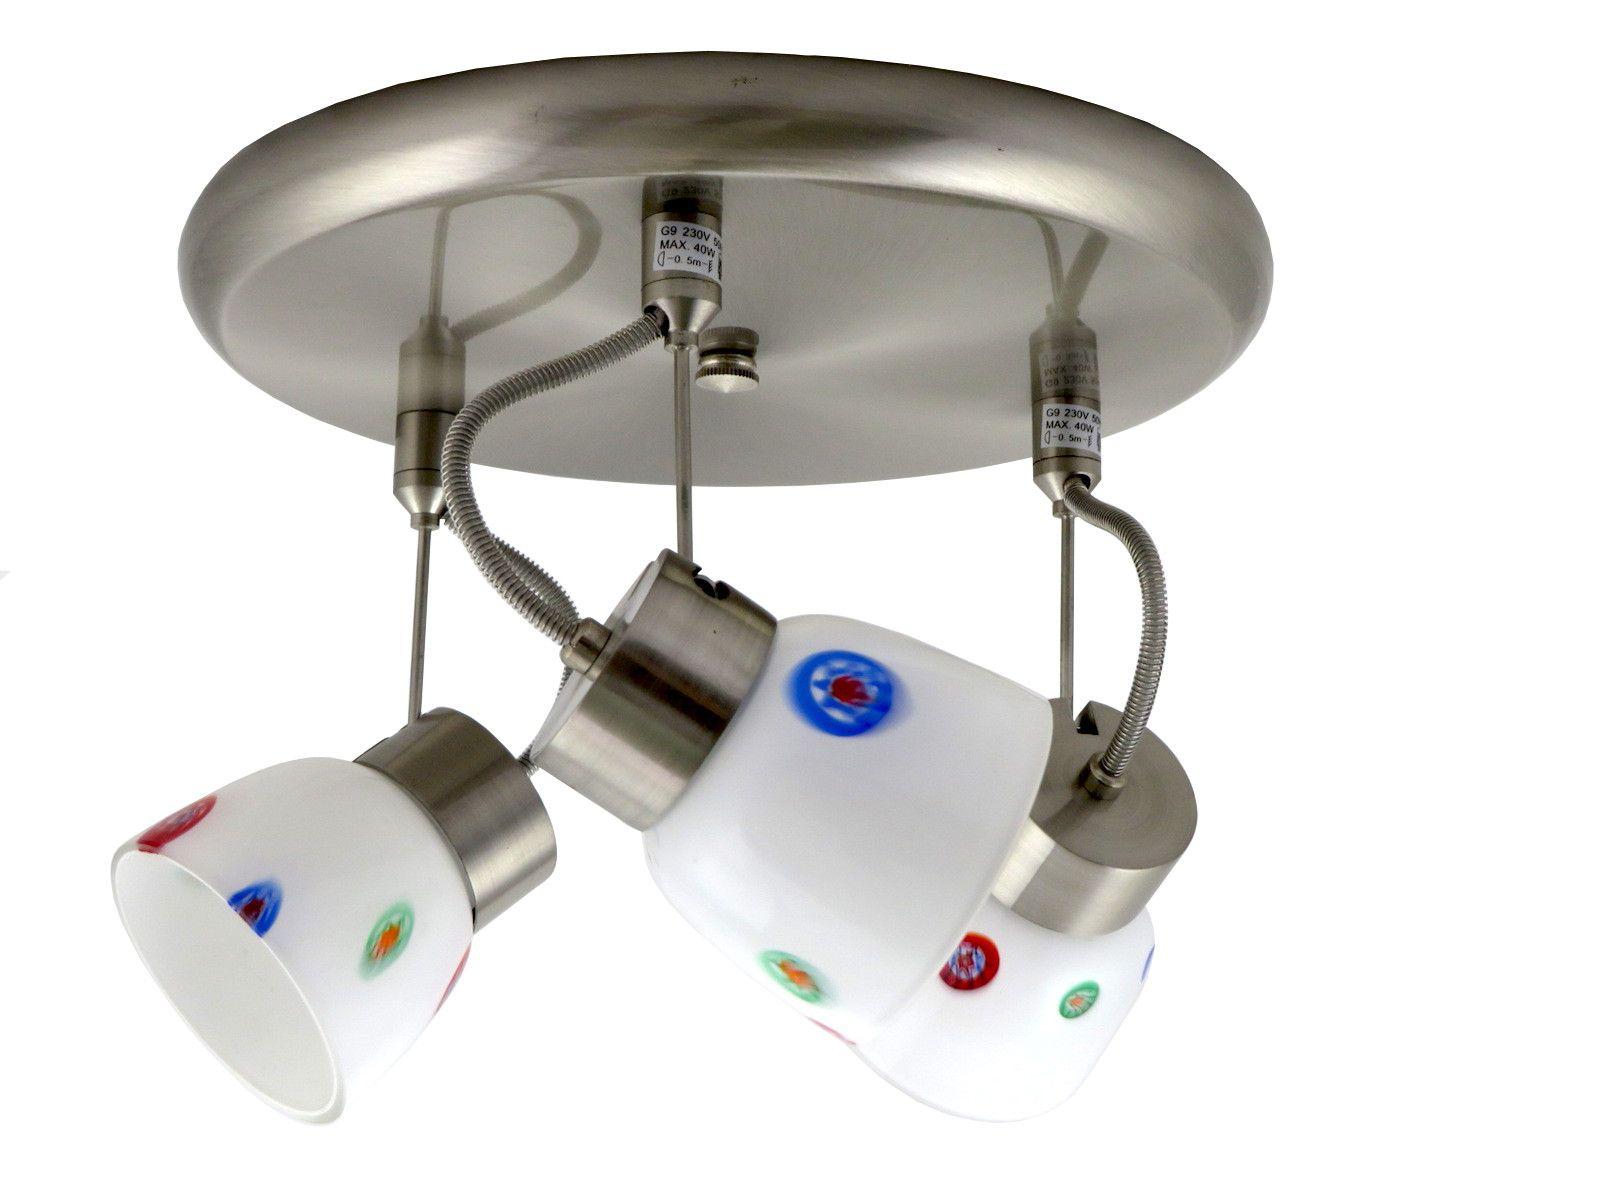 Plafoniere Con Lampadine : Plafoniera con faretti orientabili diffusore in vetro